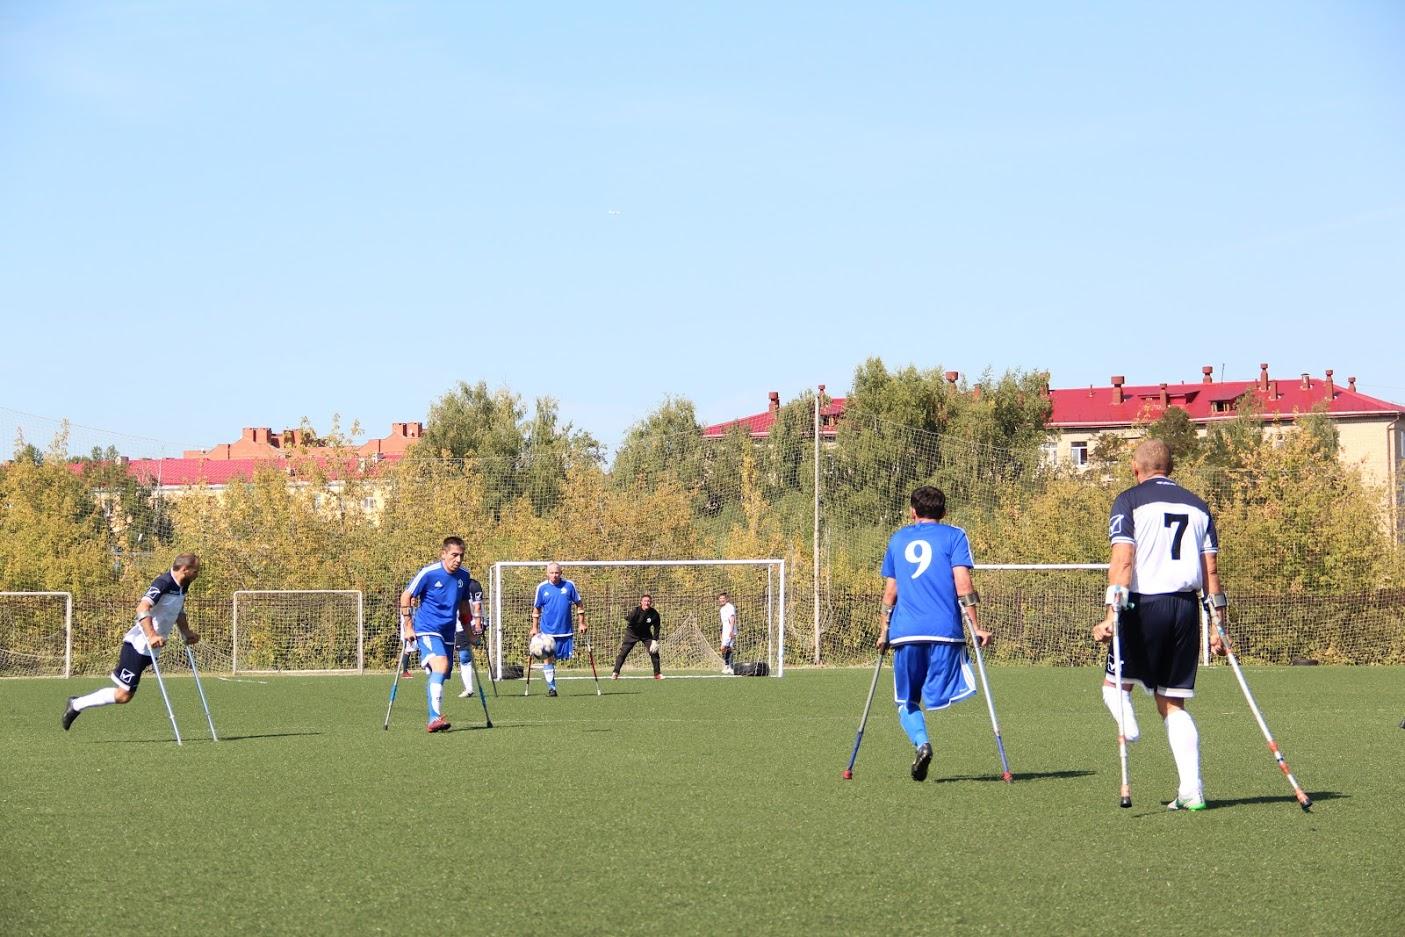 5 команд поведут борьбу за медали чемпионата России по футболу ампутантов в Нижнем Новгороде